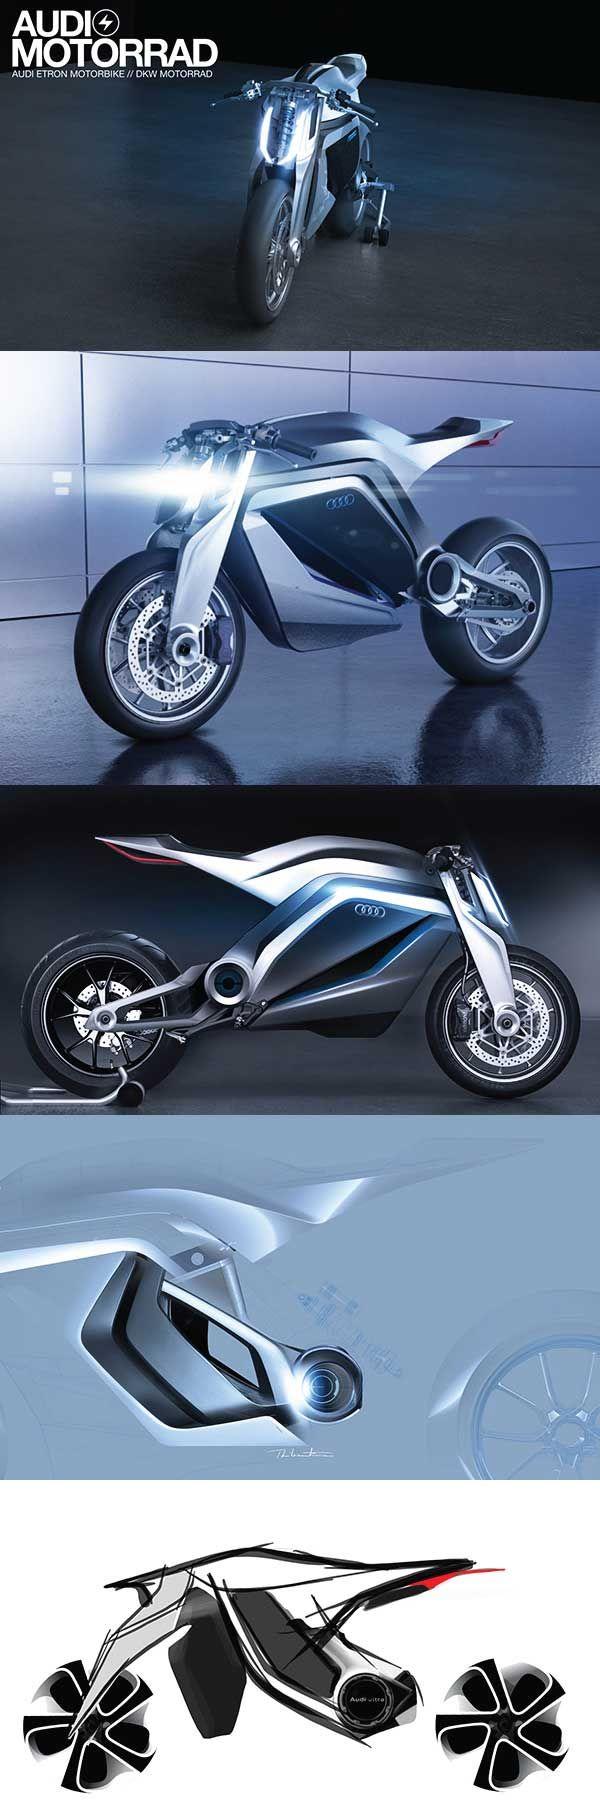 Ducati & Audi Collaboration Concept by Thibault Devauze